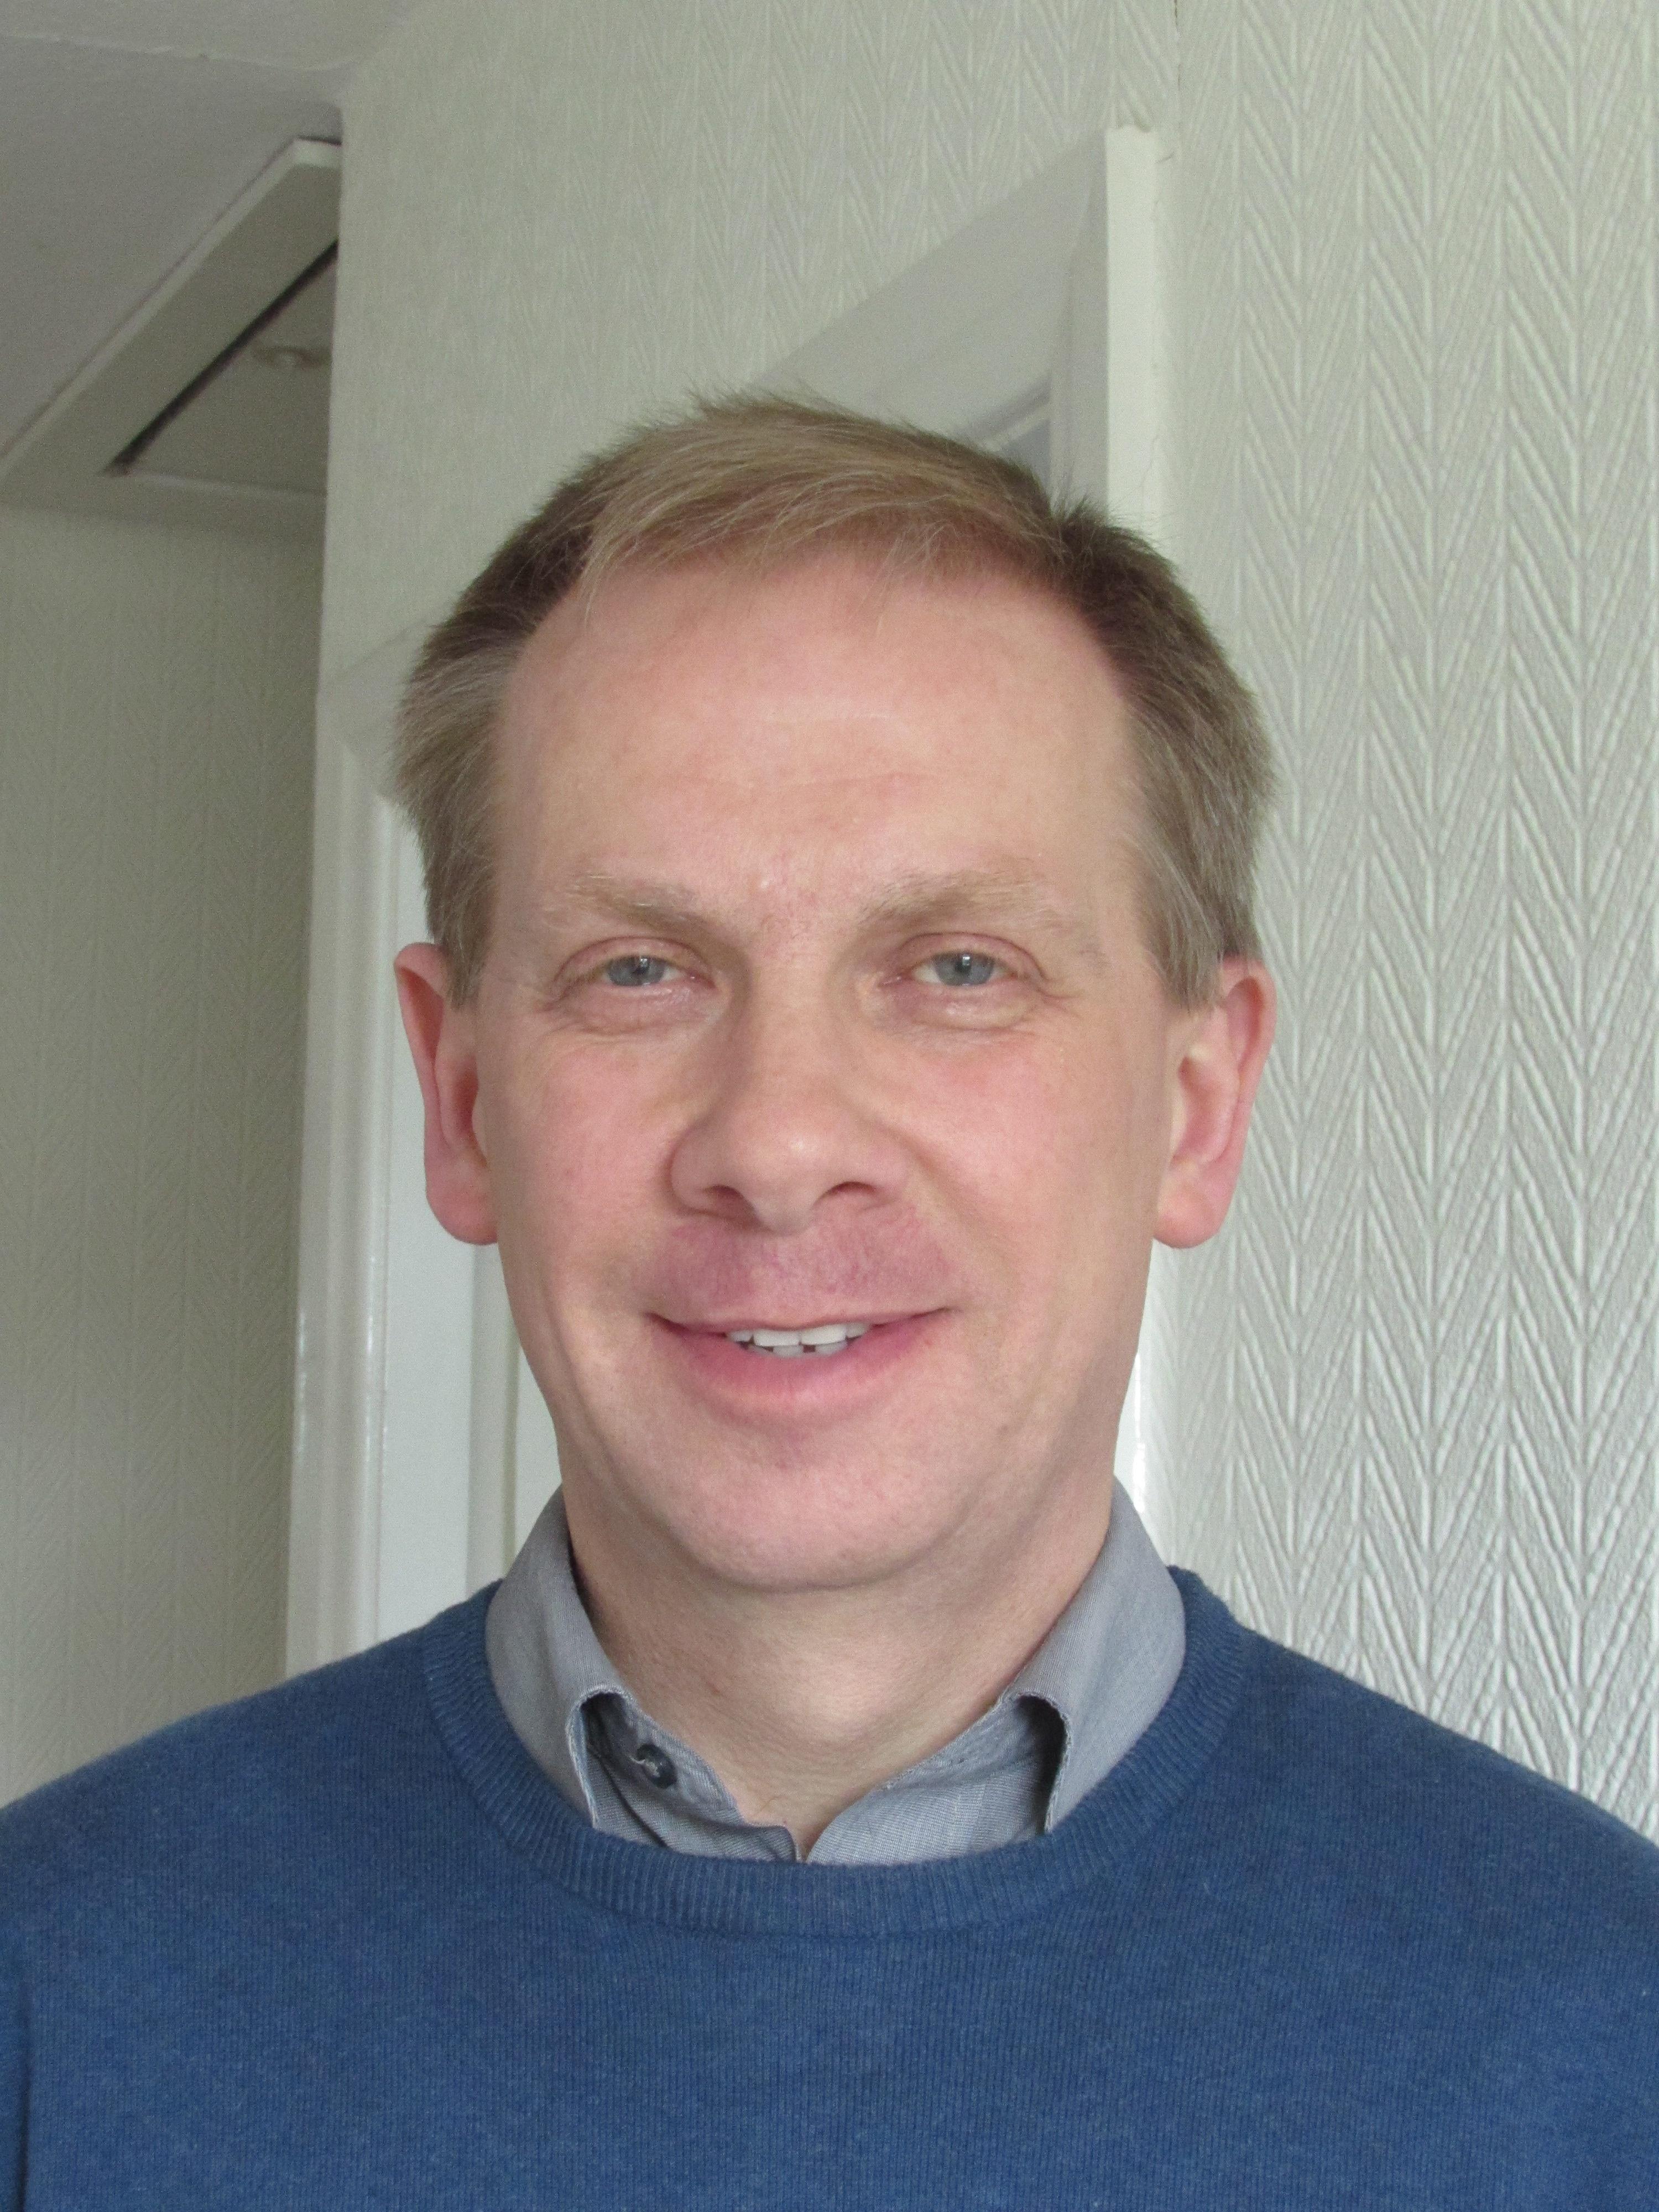 David Bidnell